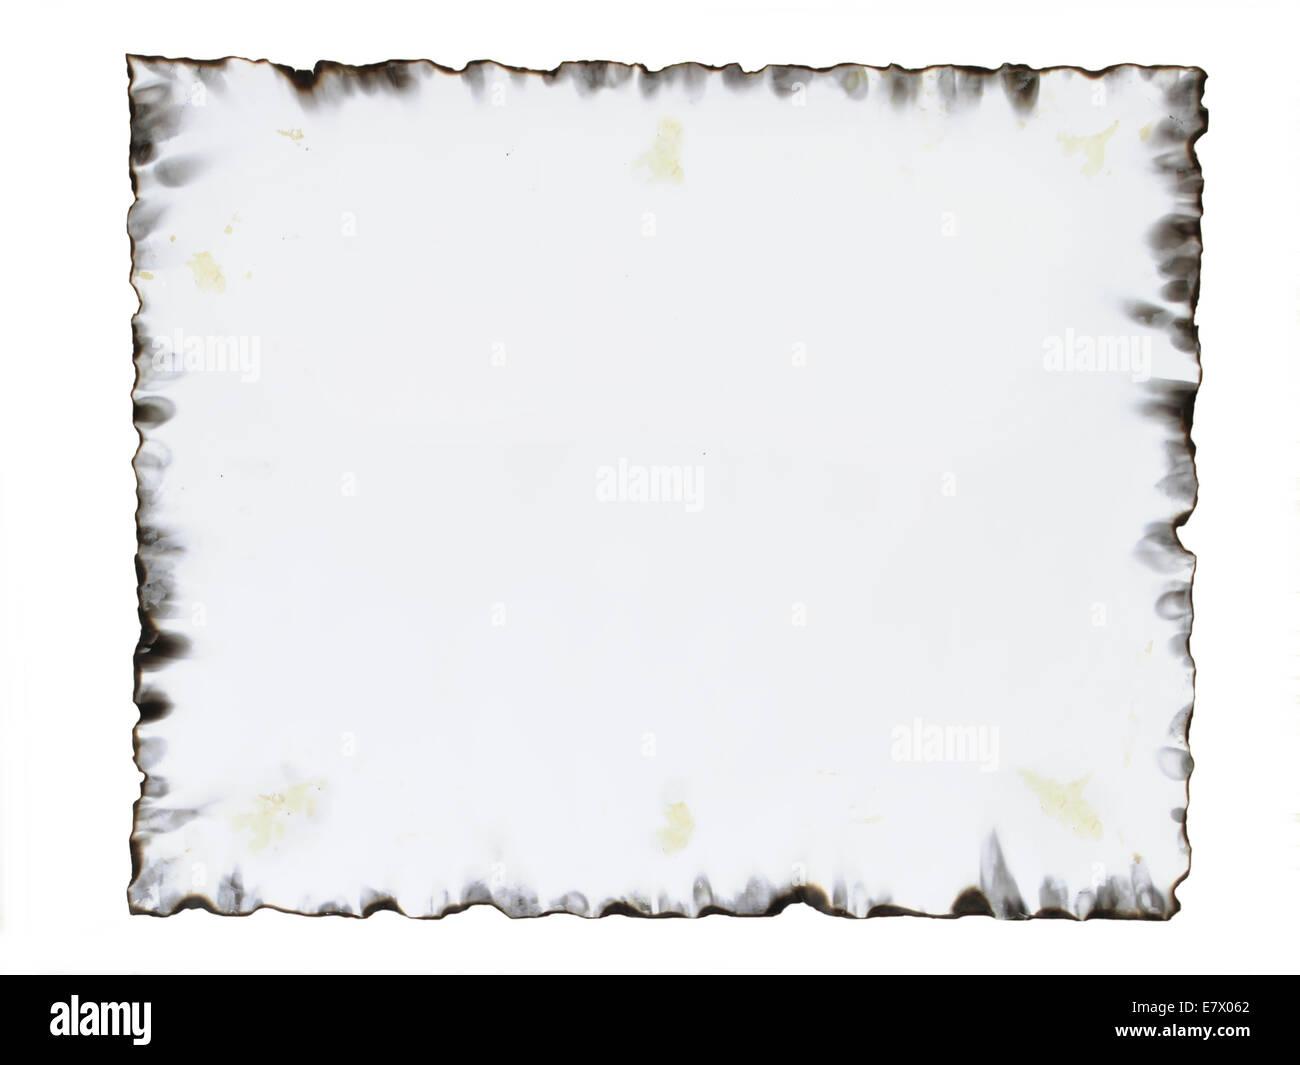 Verbranntes Papier Rahmen Stockfoto, Bild: 73714986 - Alamy